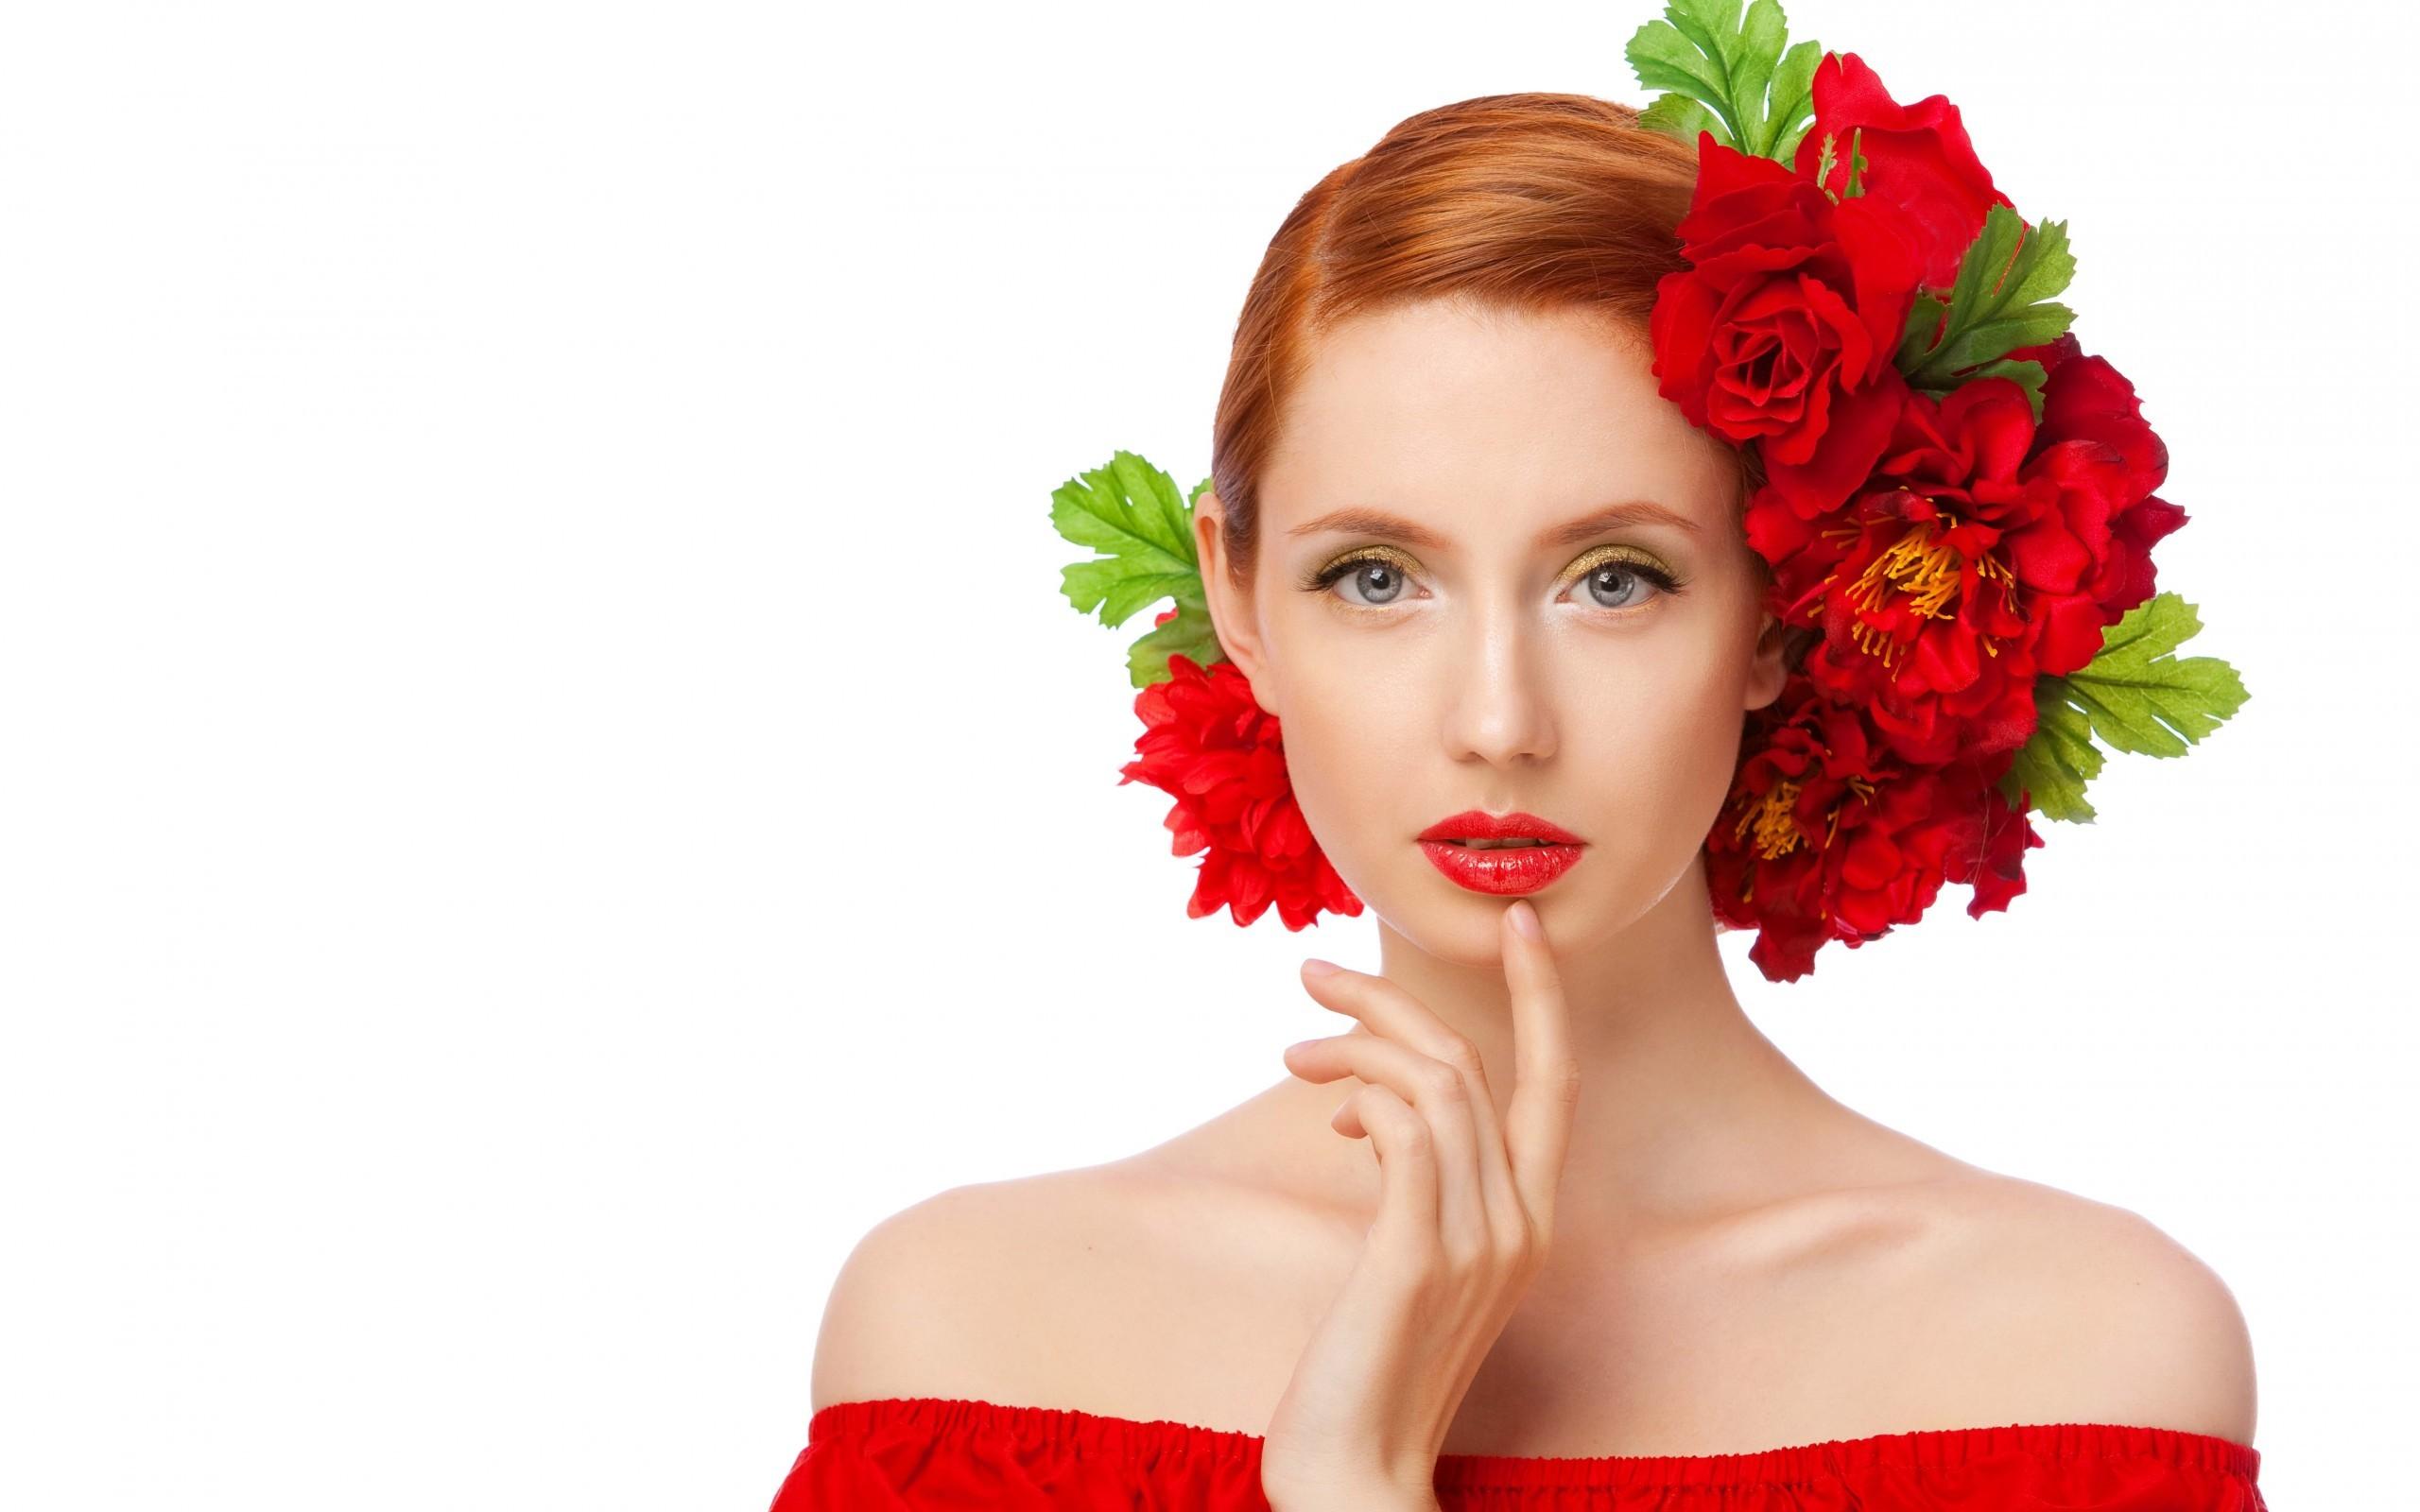 Peinado con rosas rojas - 2560x1600